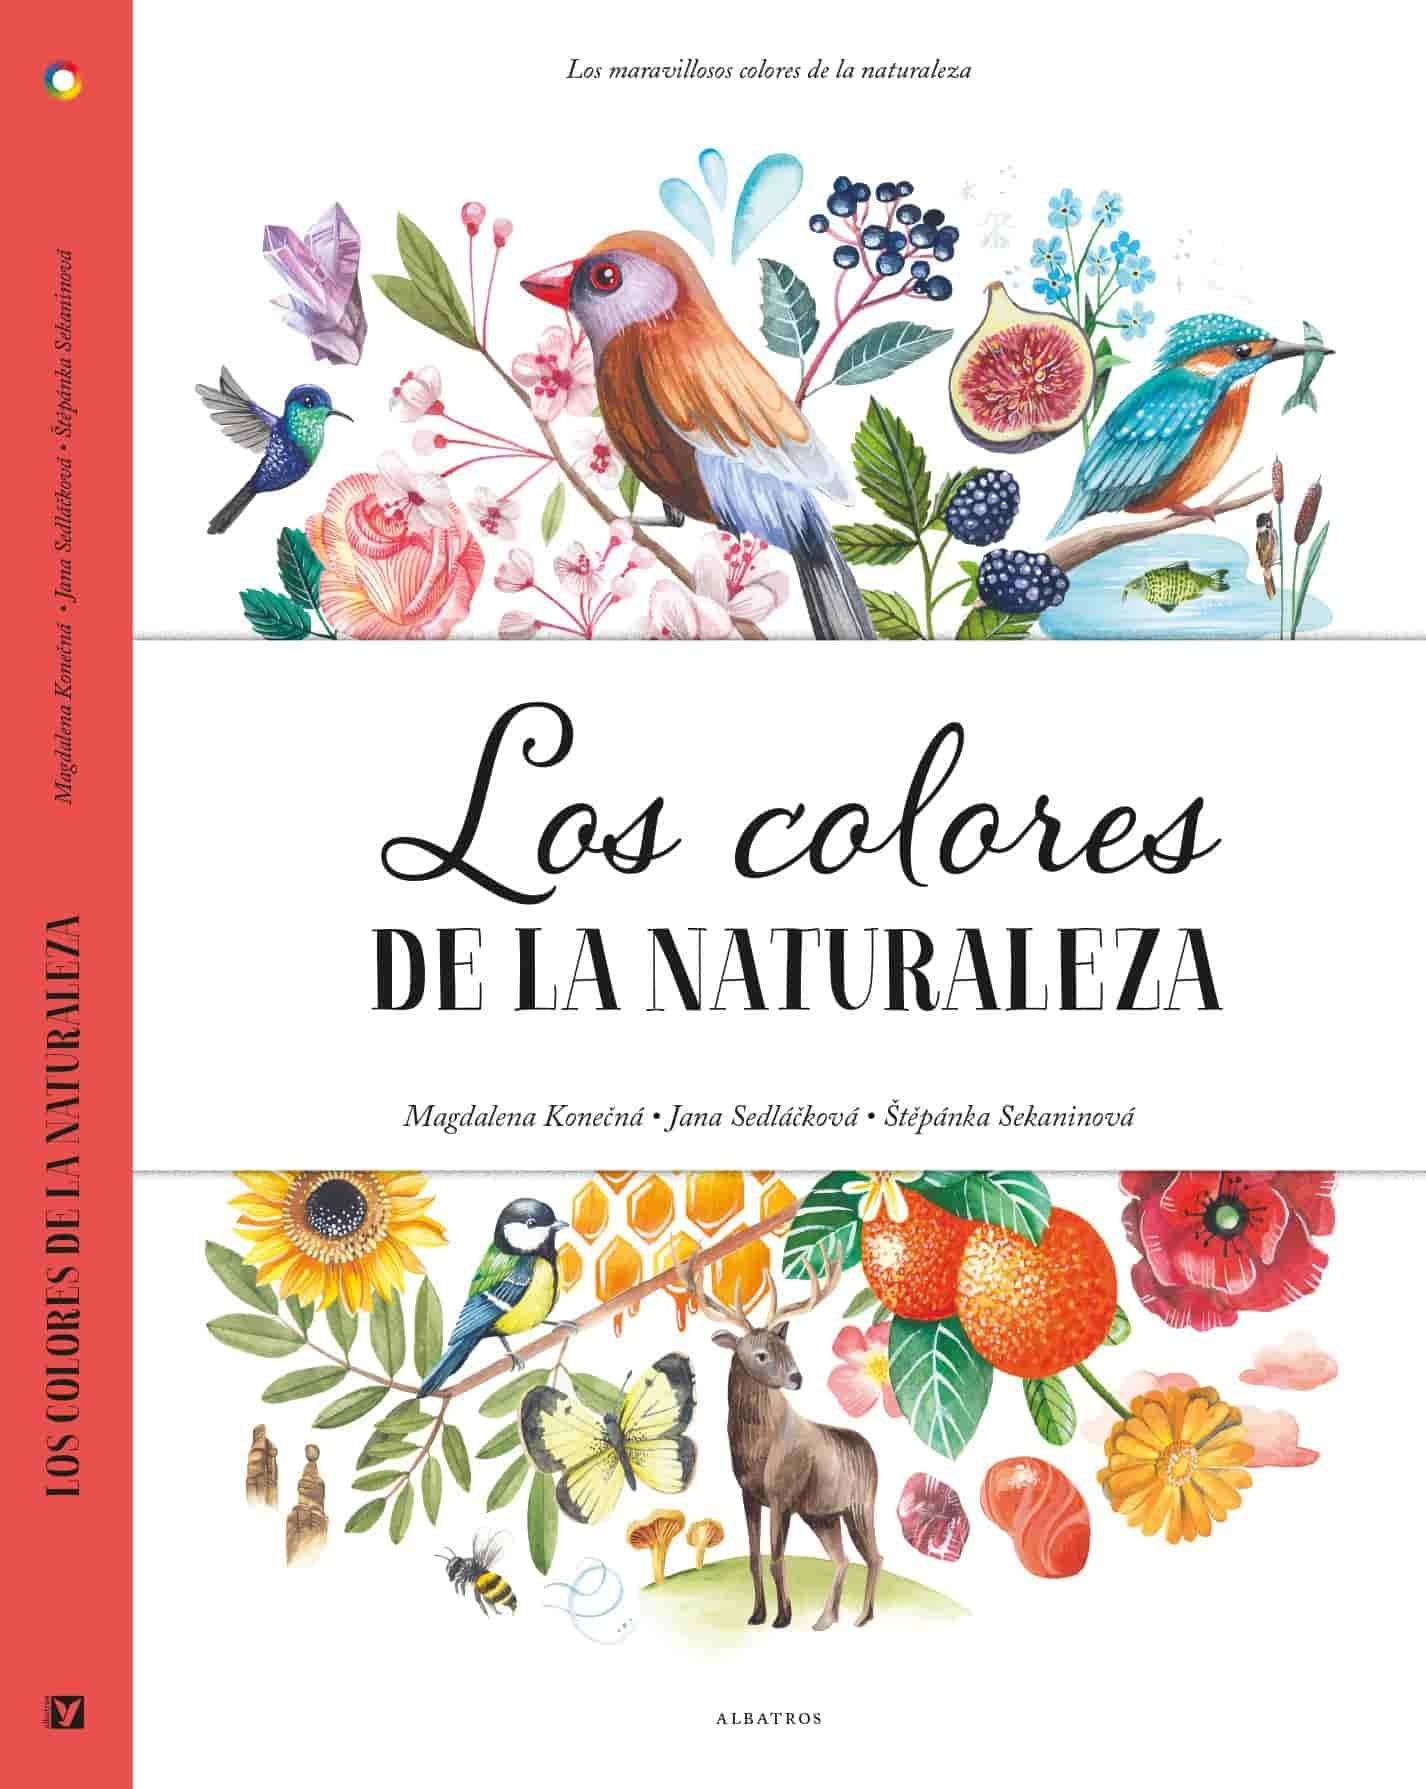 COLORES DE LA NATURALEZA LOS